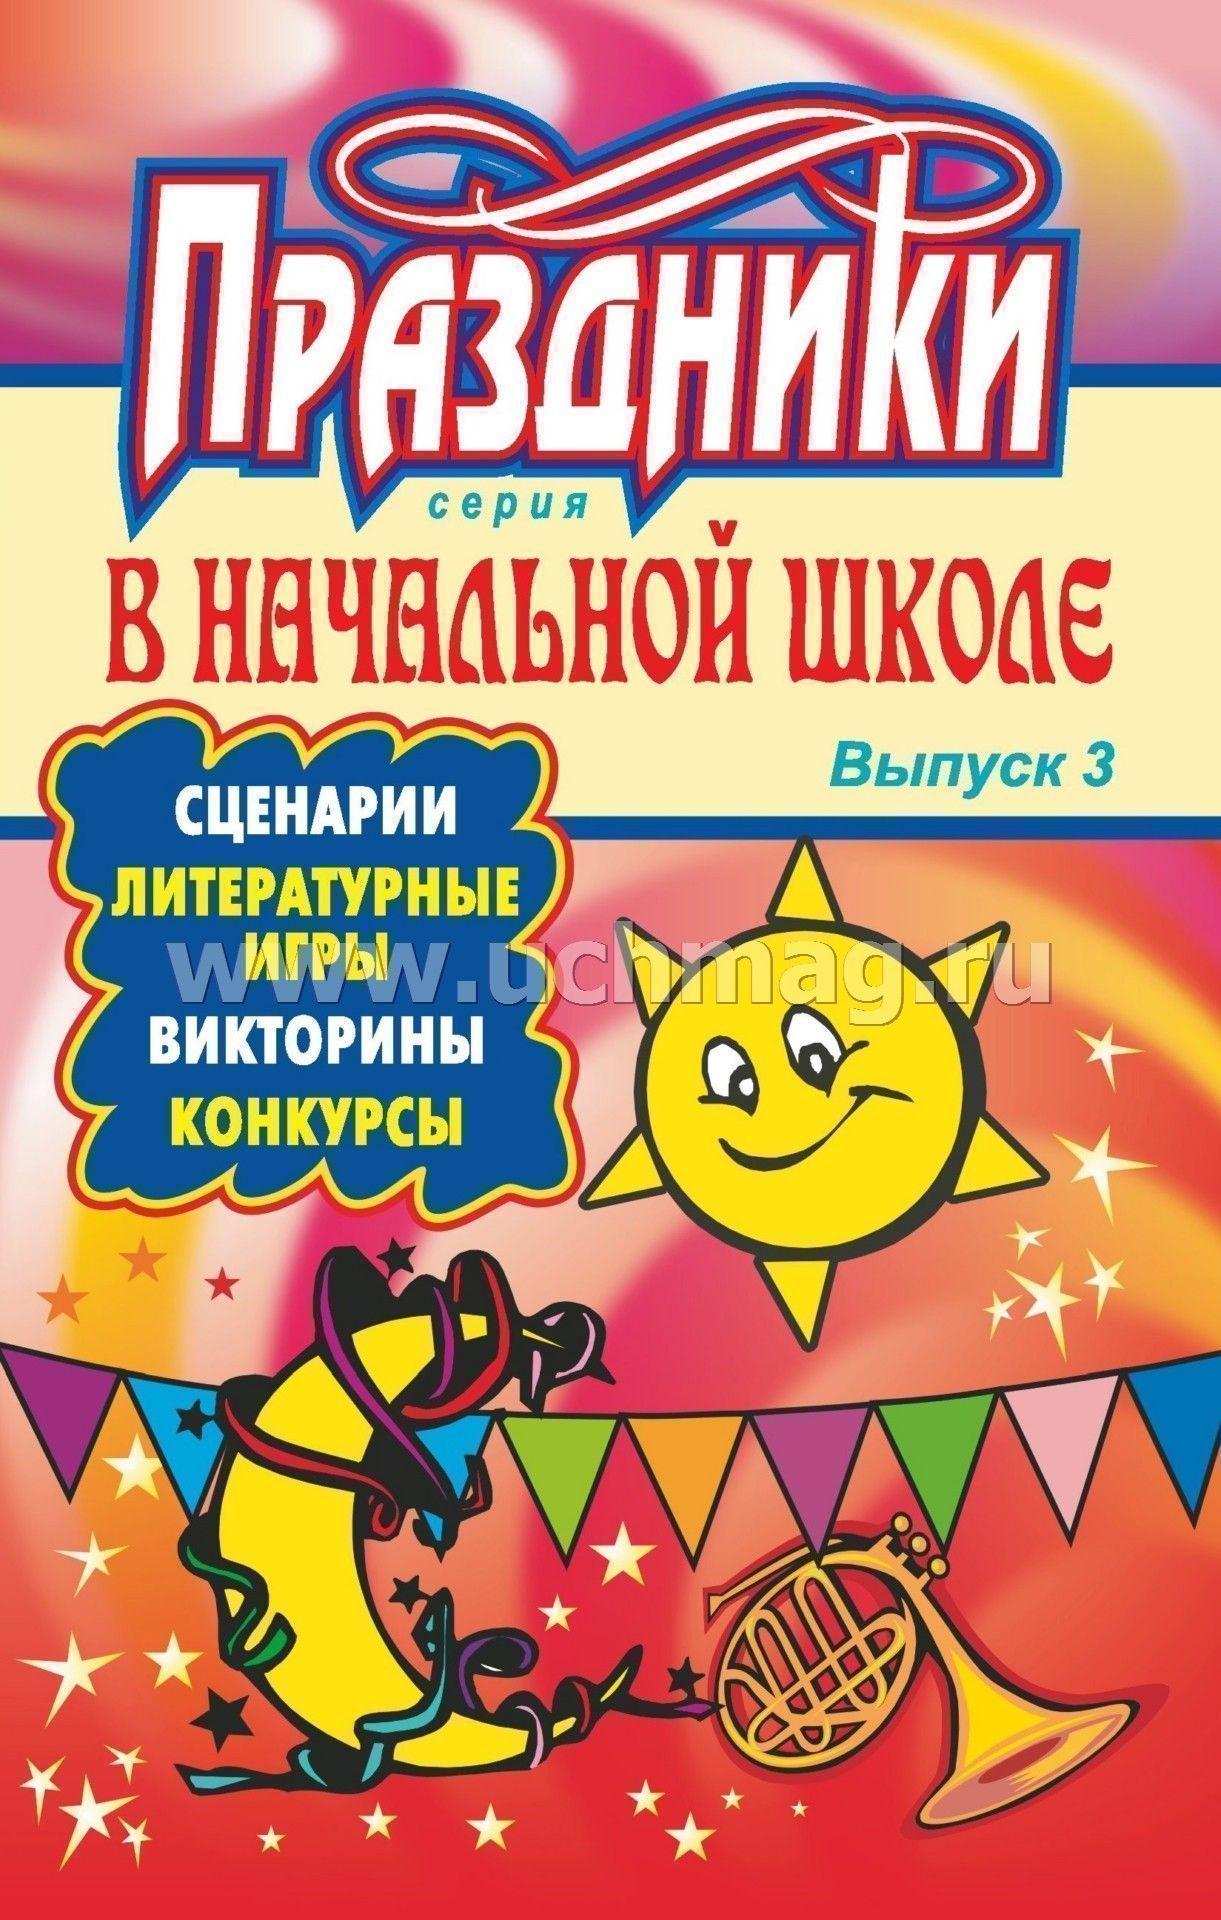 Викторины конкурсы начальной школы